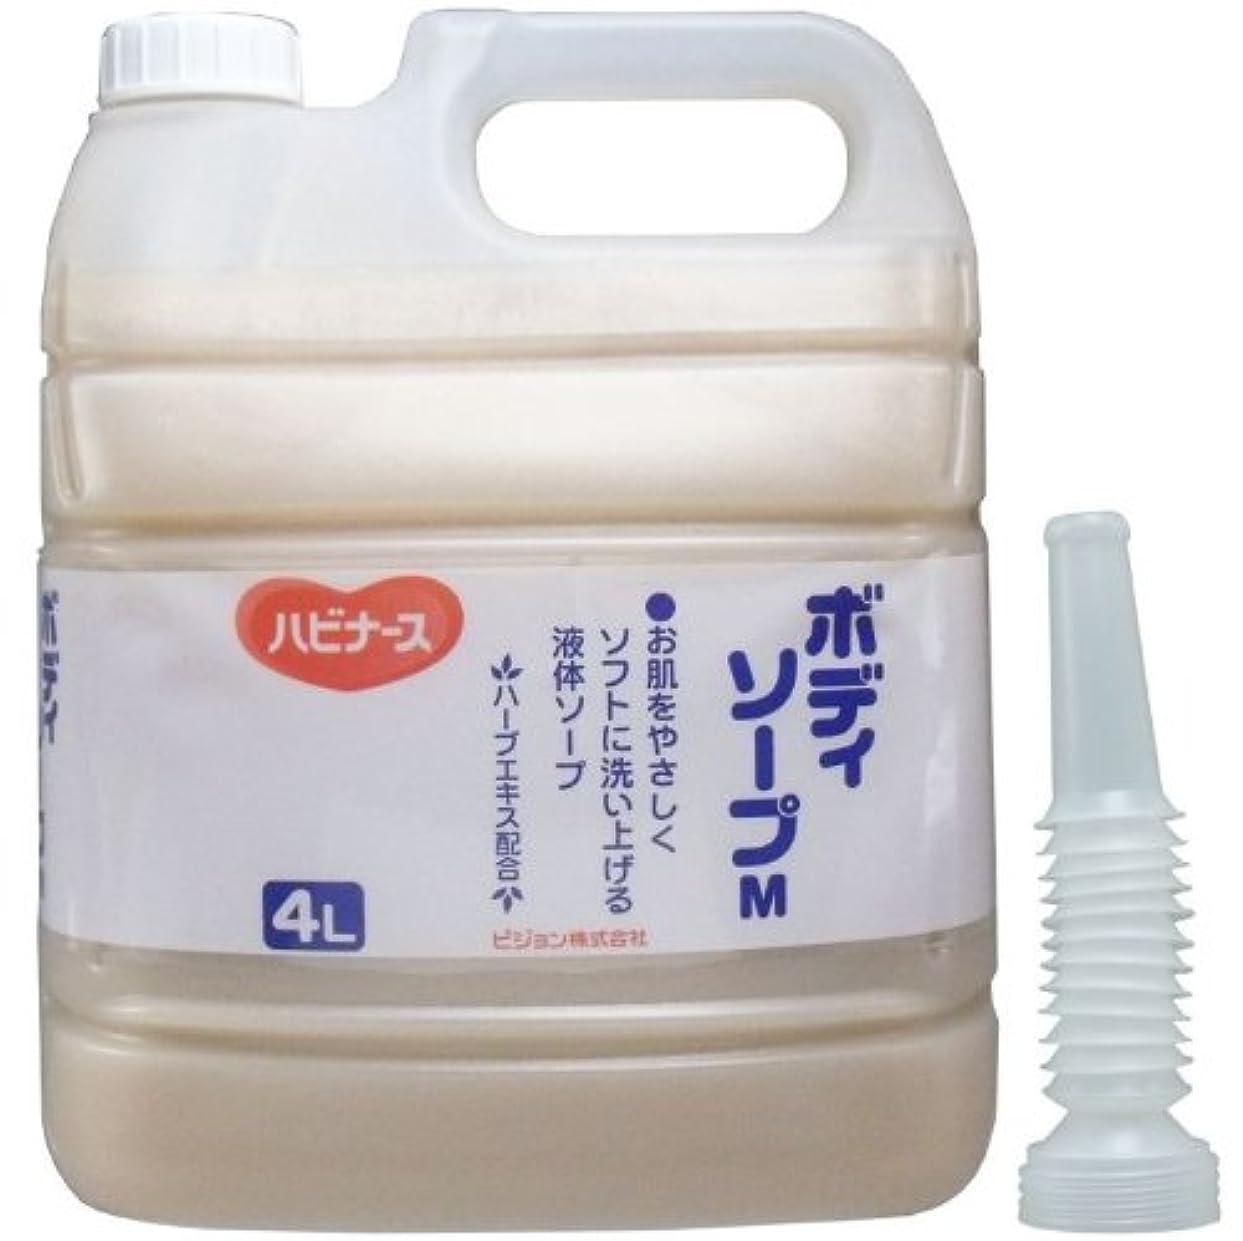 局天才端液体ソープ ボディソープ 風呂 石ケン お肌をやさしくソフトに洗い上げる!業務用 4L【5個セット】